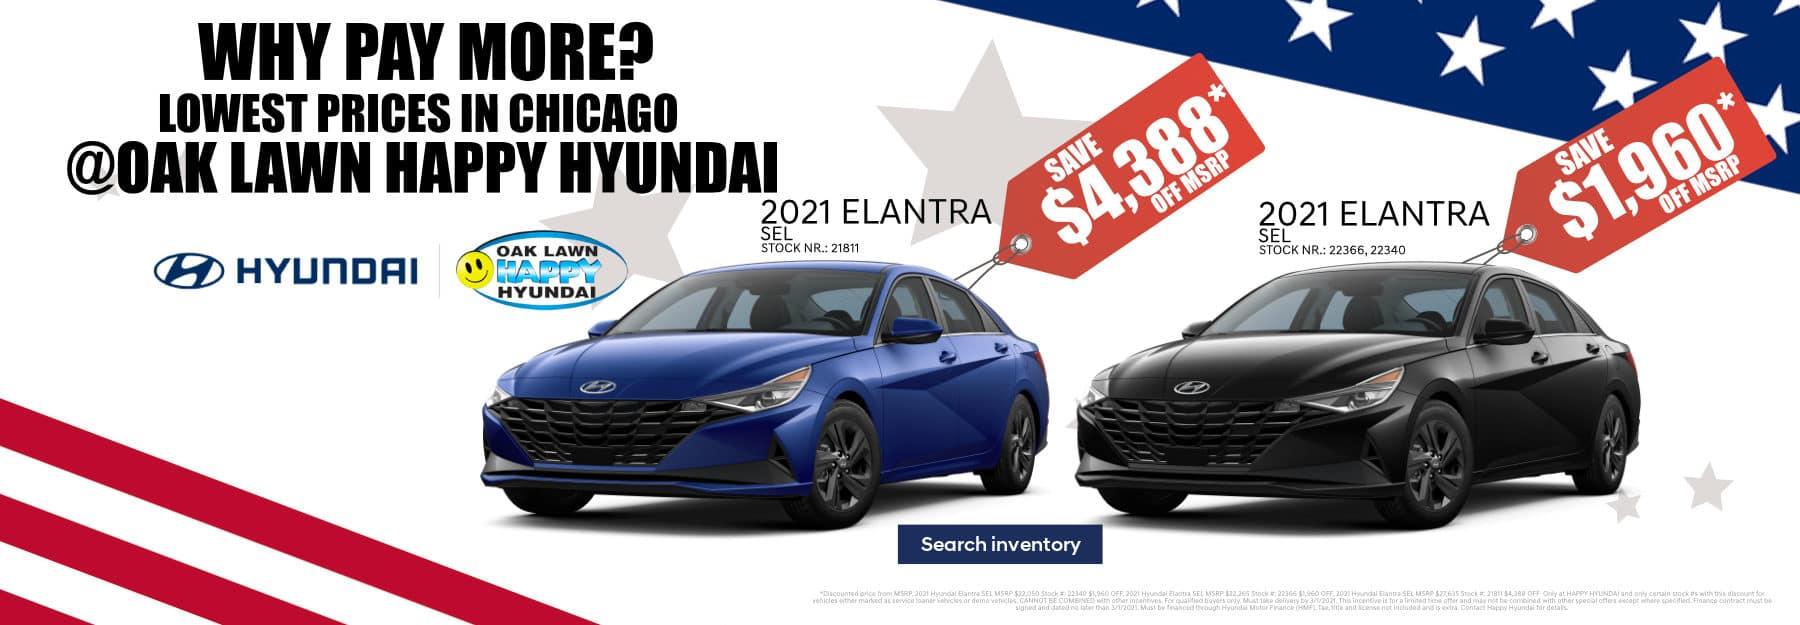 R_February_2021_Elantra Triple Offer_Happy Hyundai